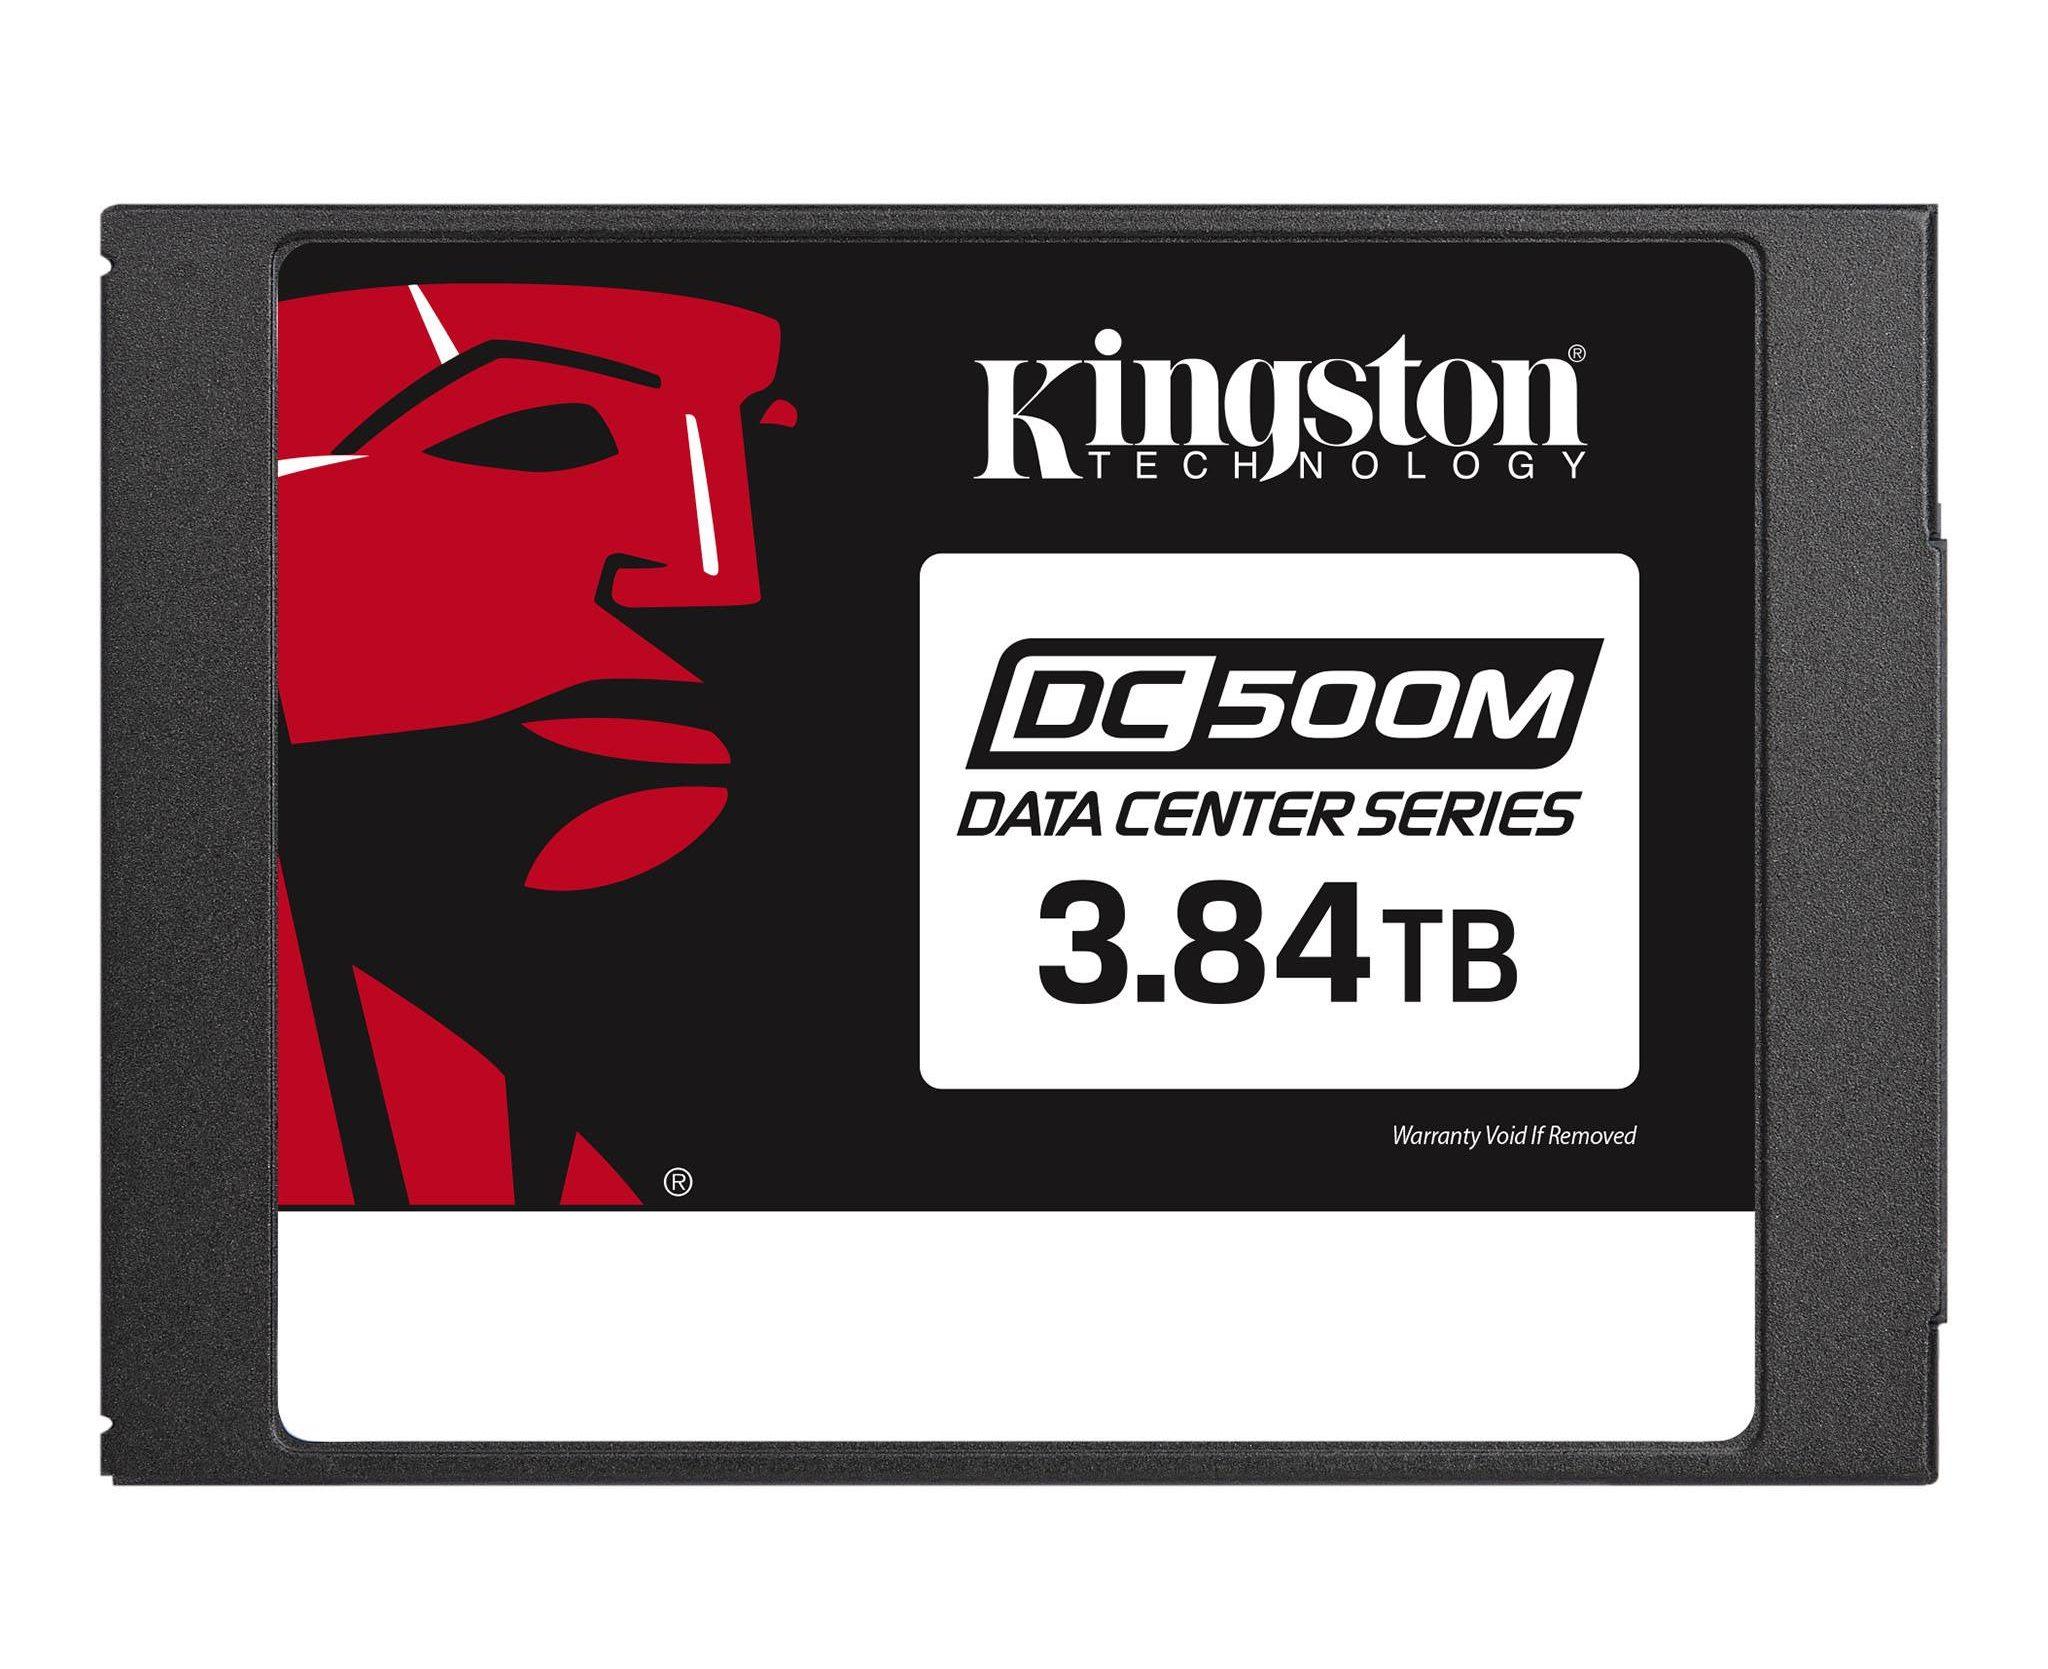 Kingston DC500M